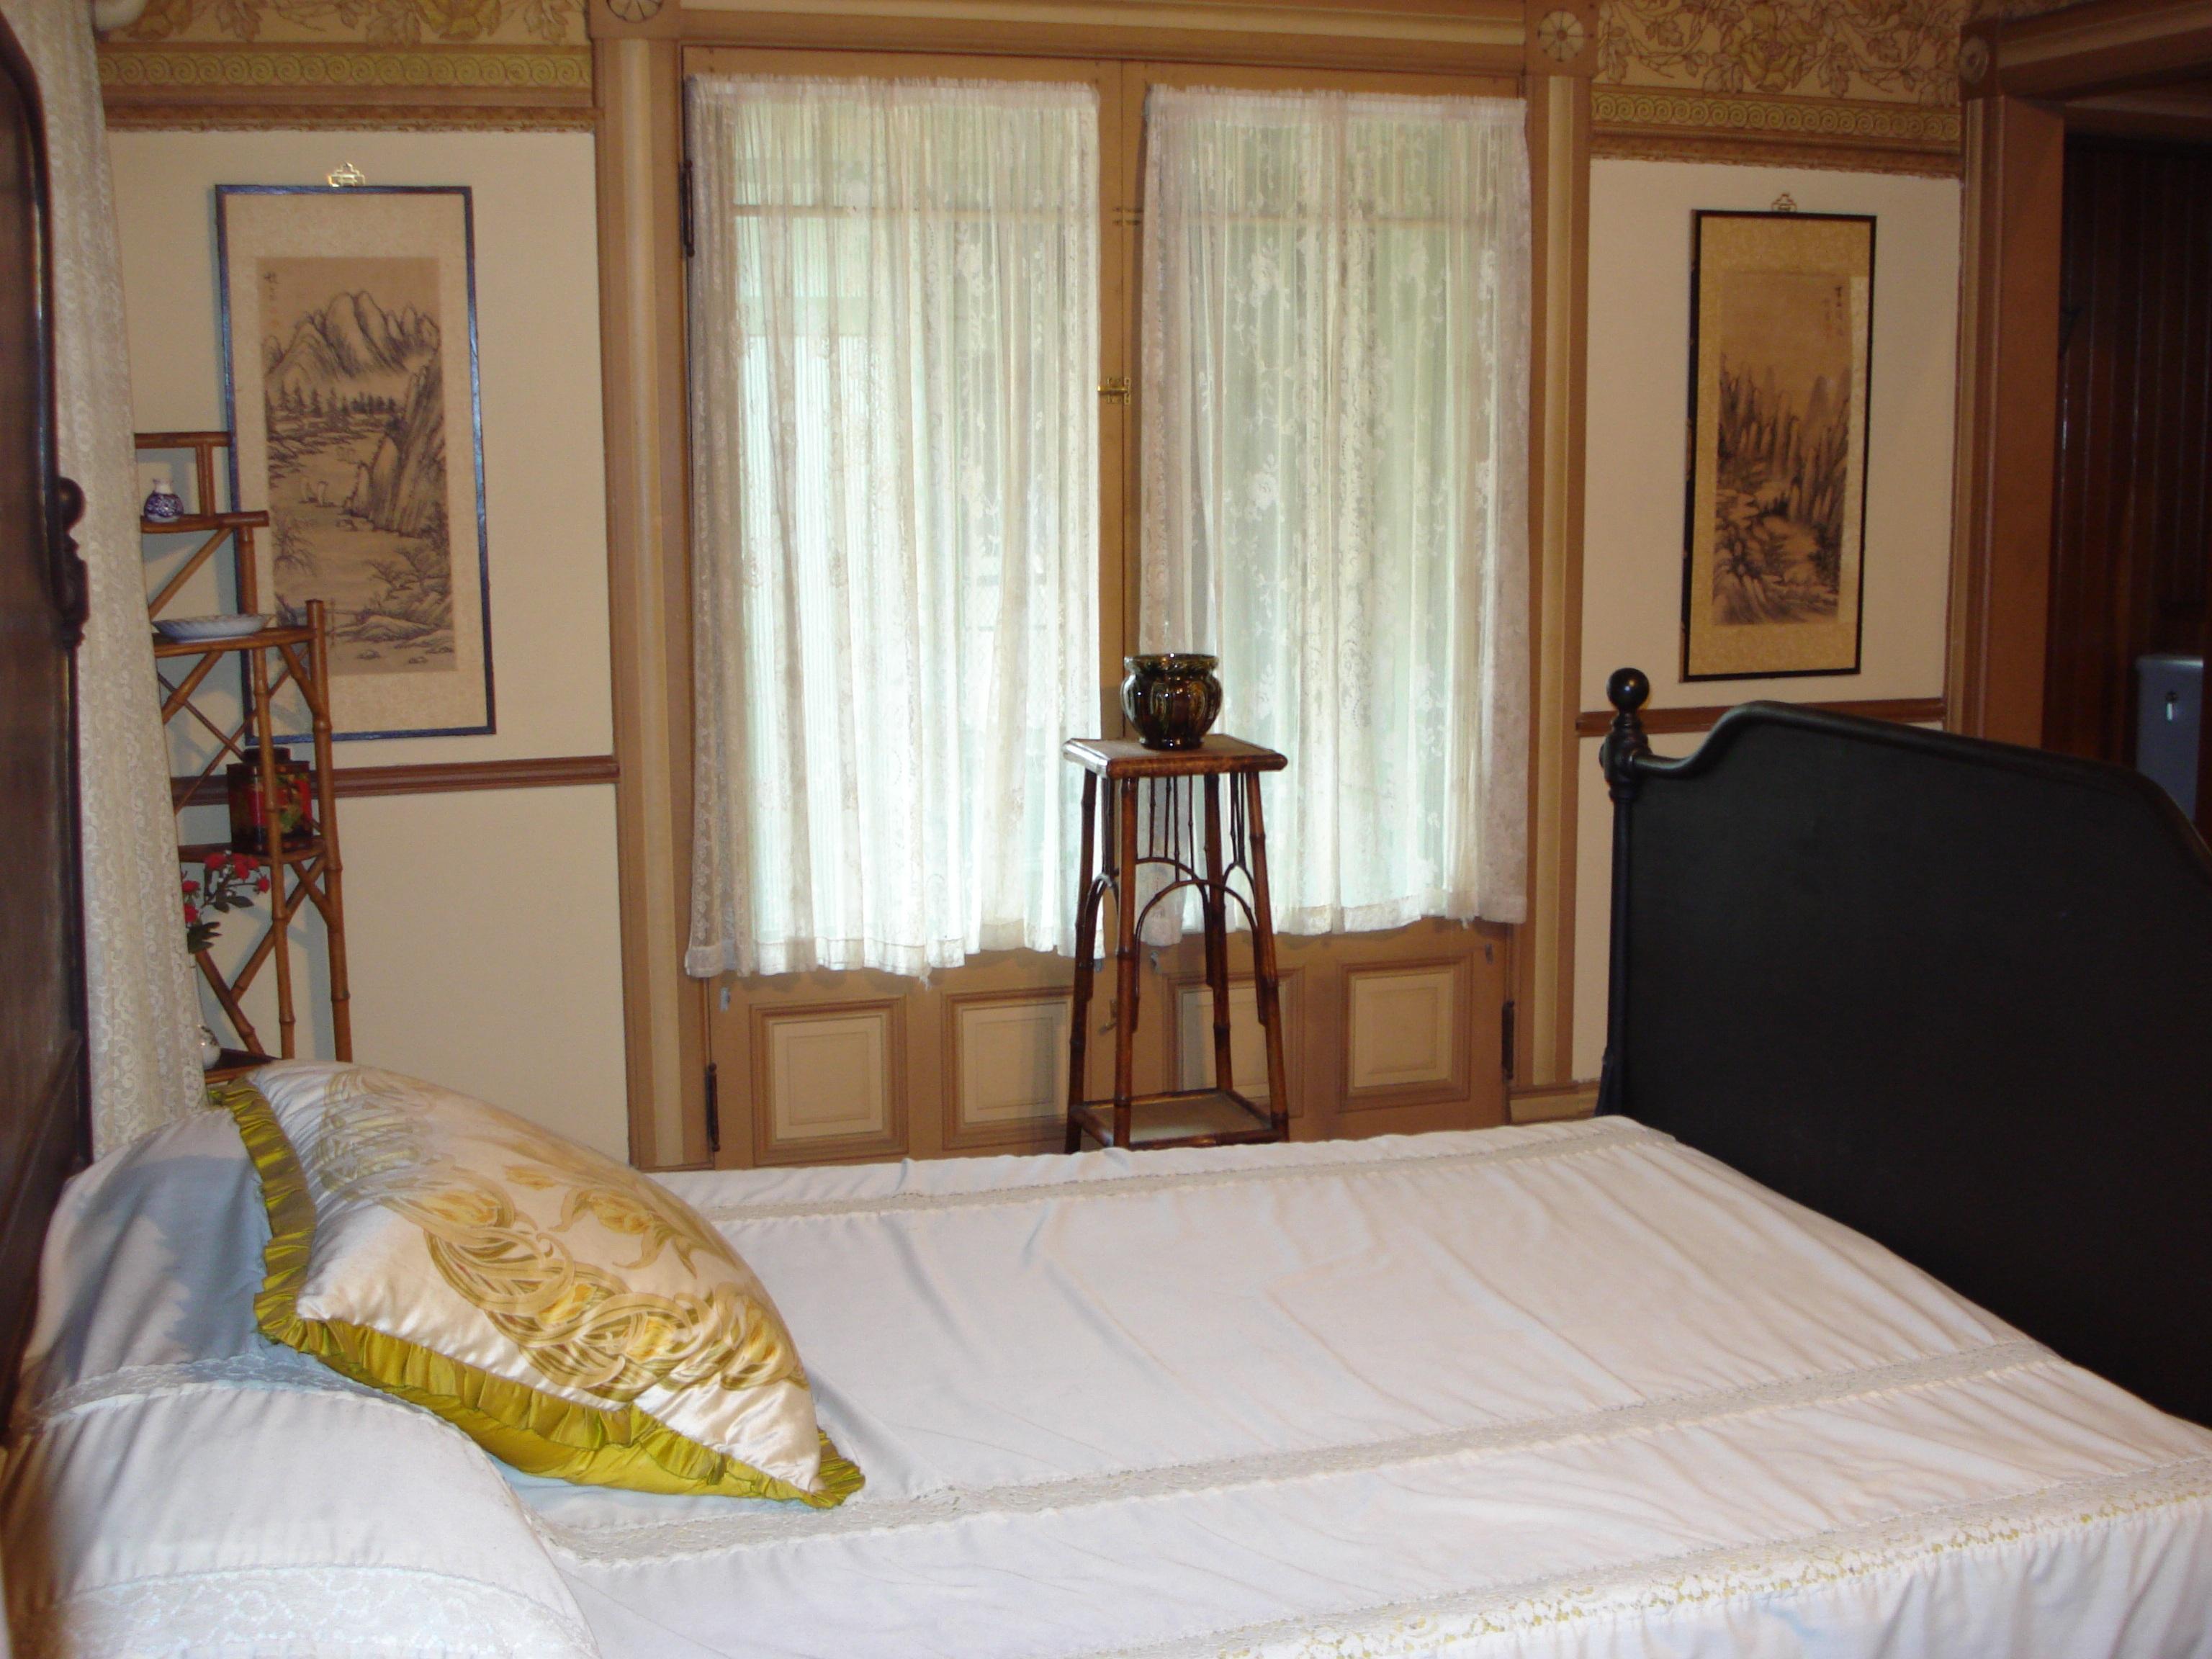 Fotos gratis : palacio, casa, piso, cabaña, propiedad, mueble ...